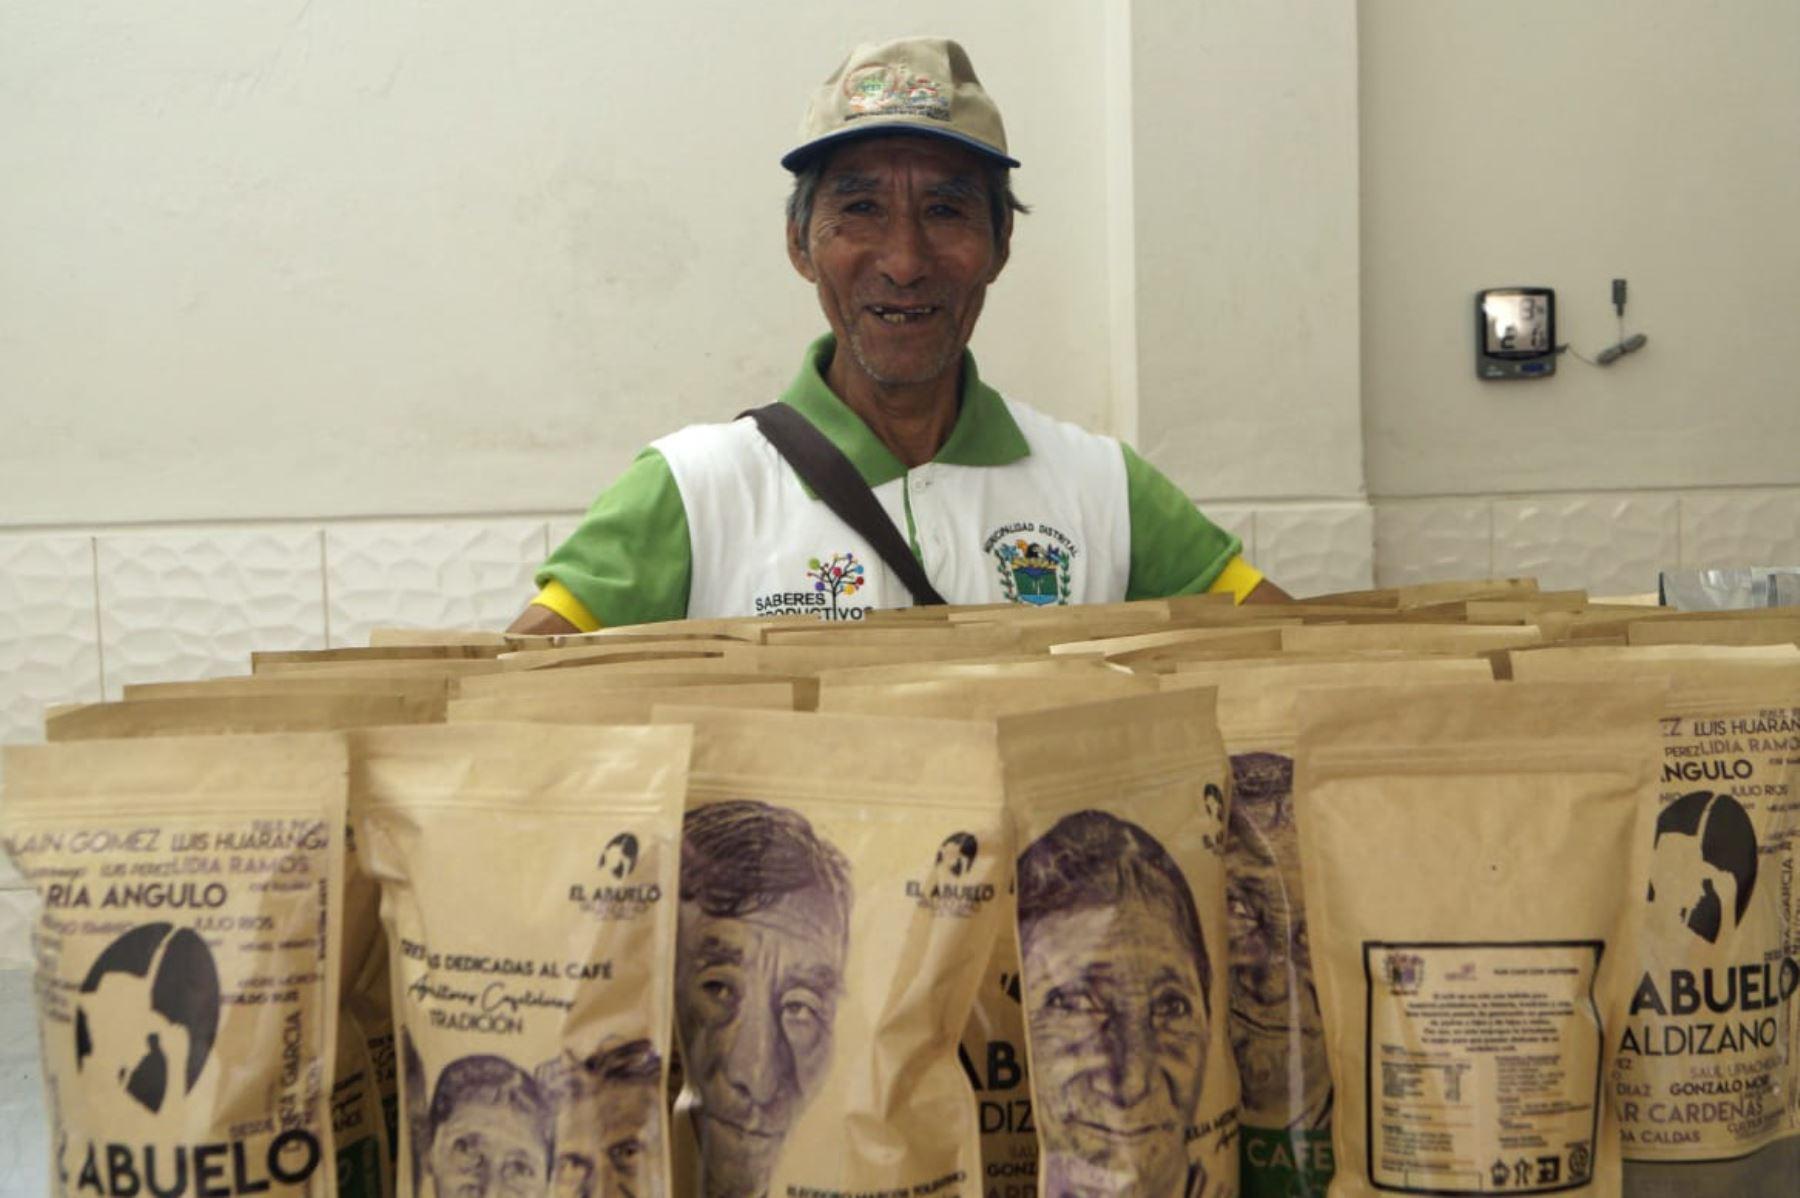 El café El Abuelo Valdizano es el proyecto productivo emprendido por adultos mayores del programa Pensión 65, del Ministerio de Desarrollo e Inclusión Social (Midis), en el distrito de Hermilio Valdizán, provincia huanuqueña de Leoncio Prado.